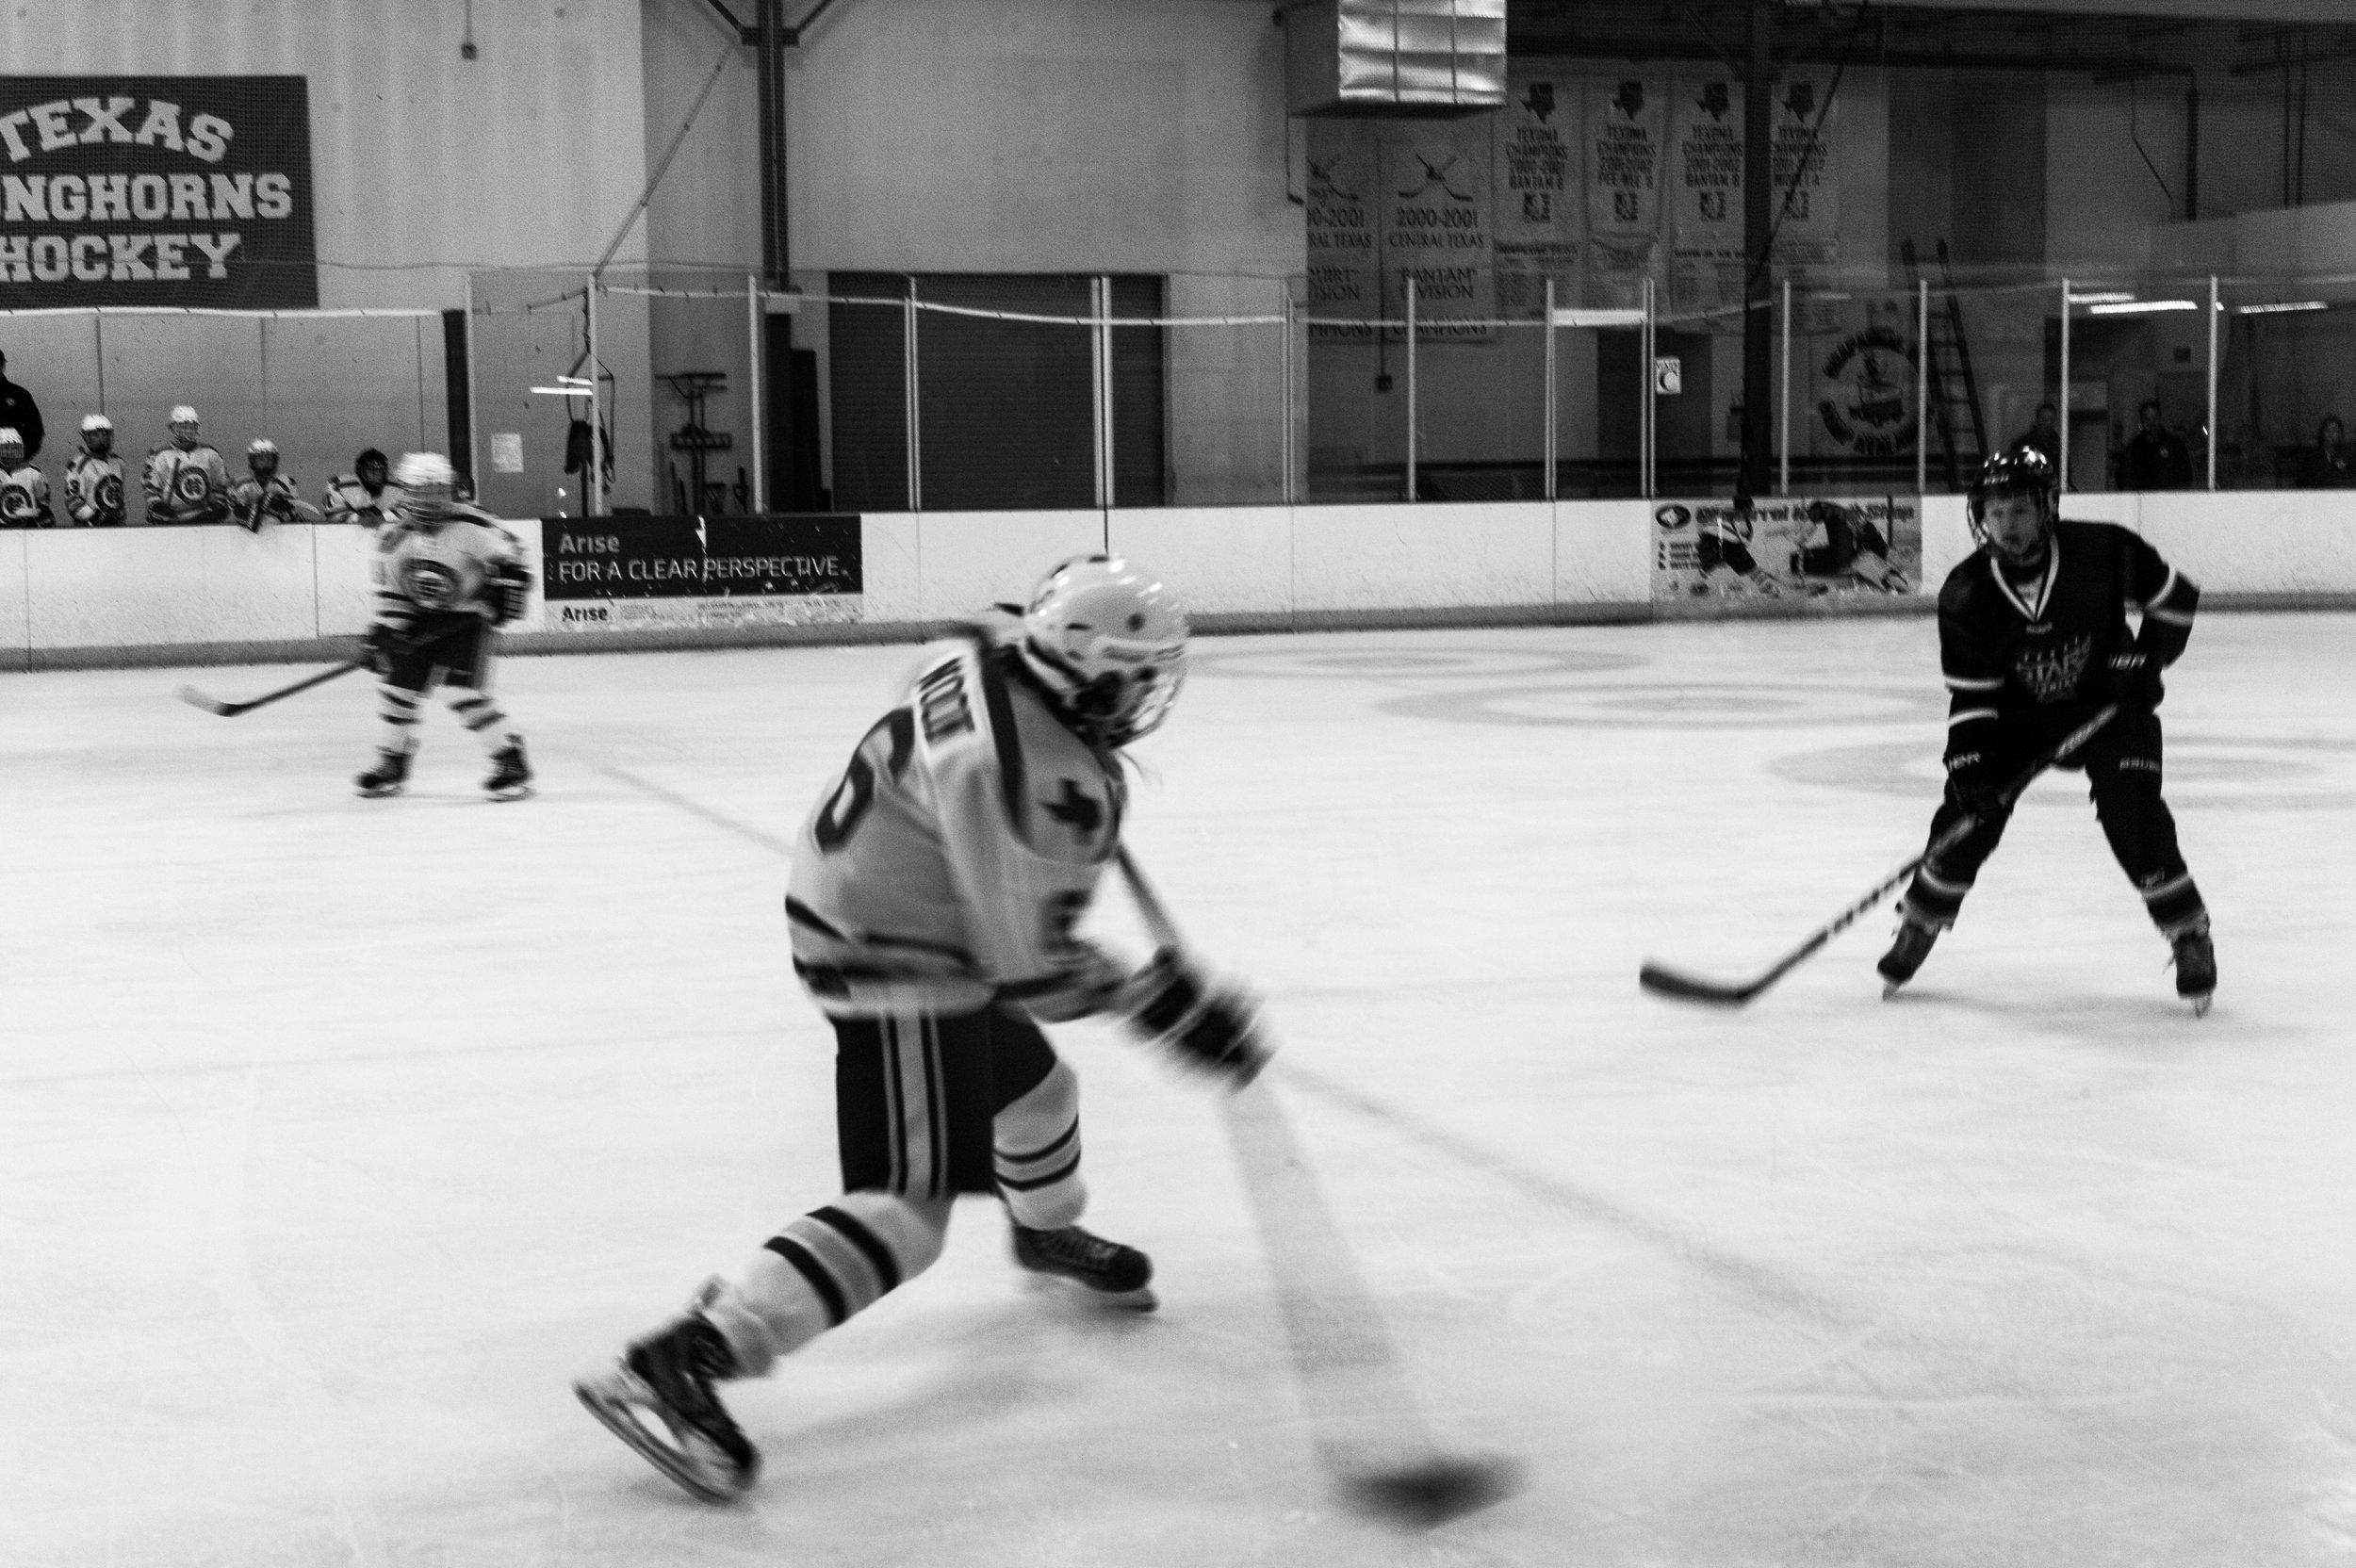 ice_hockey-005.jpg